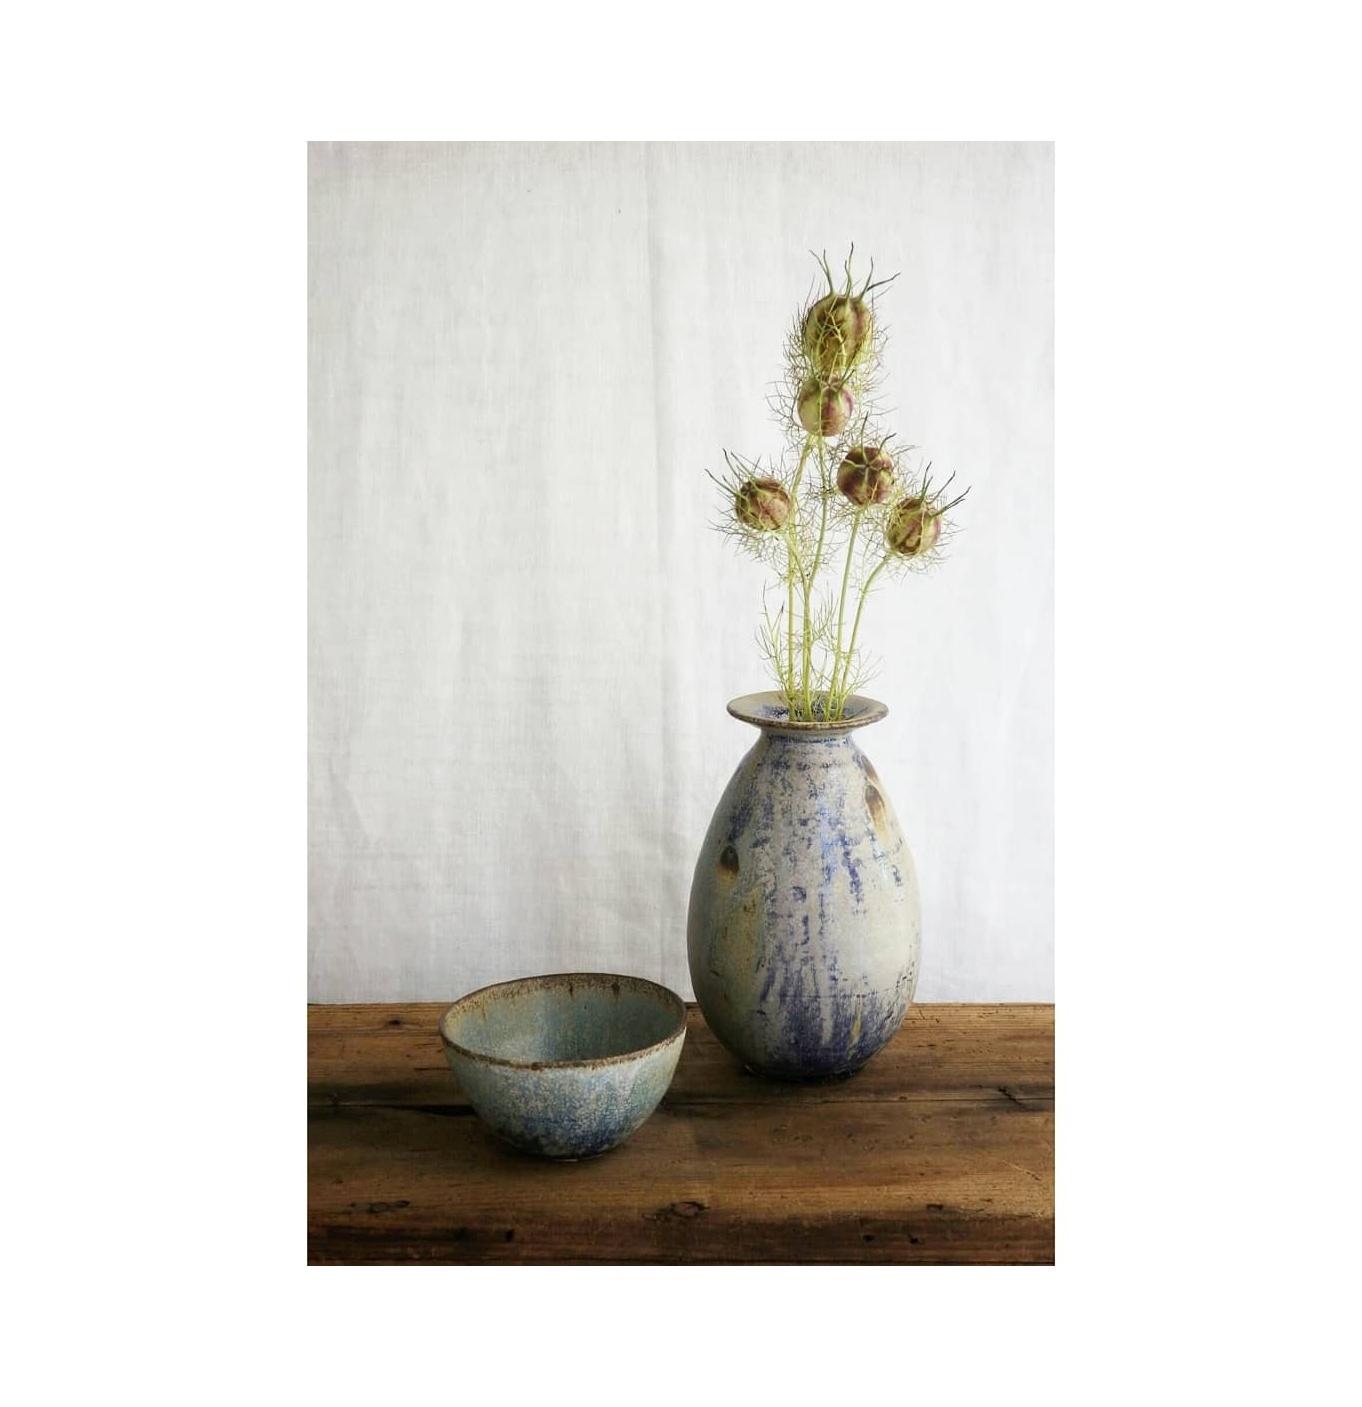 煎茶と花 - 茶器の章2 -_f0351305_19154516.jpeg